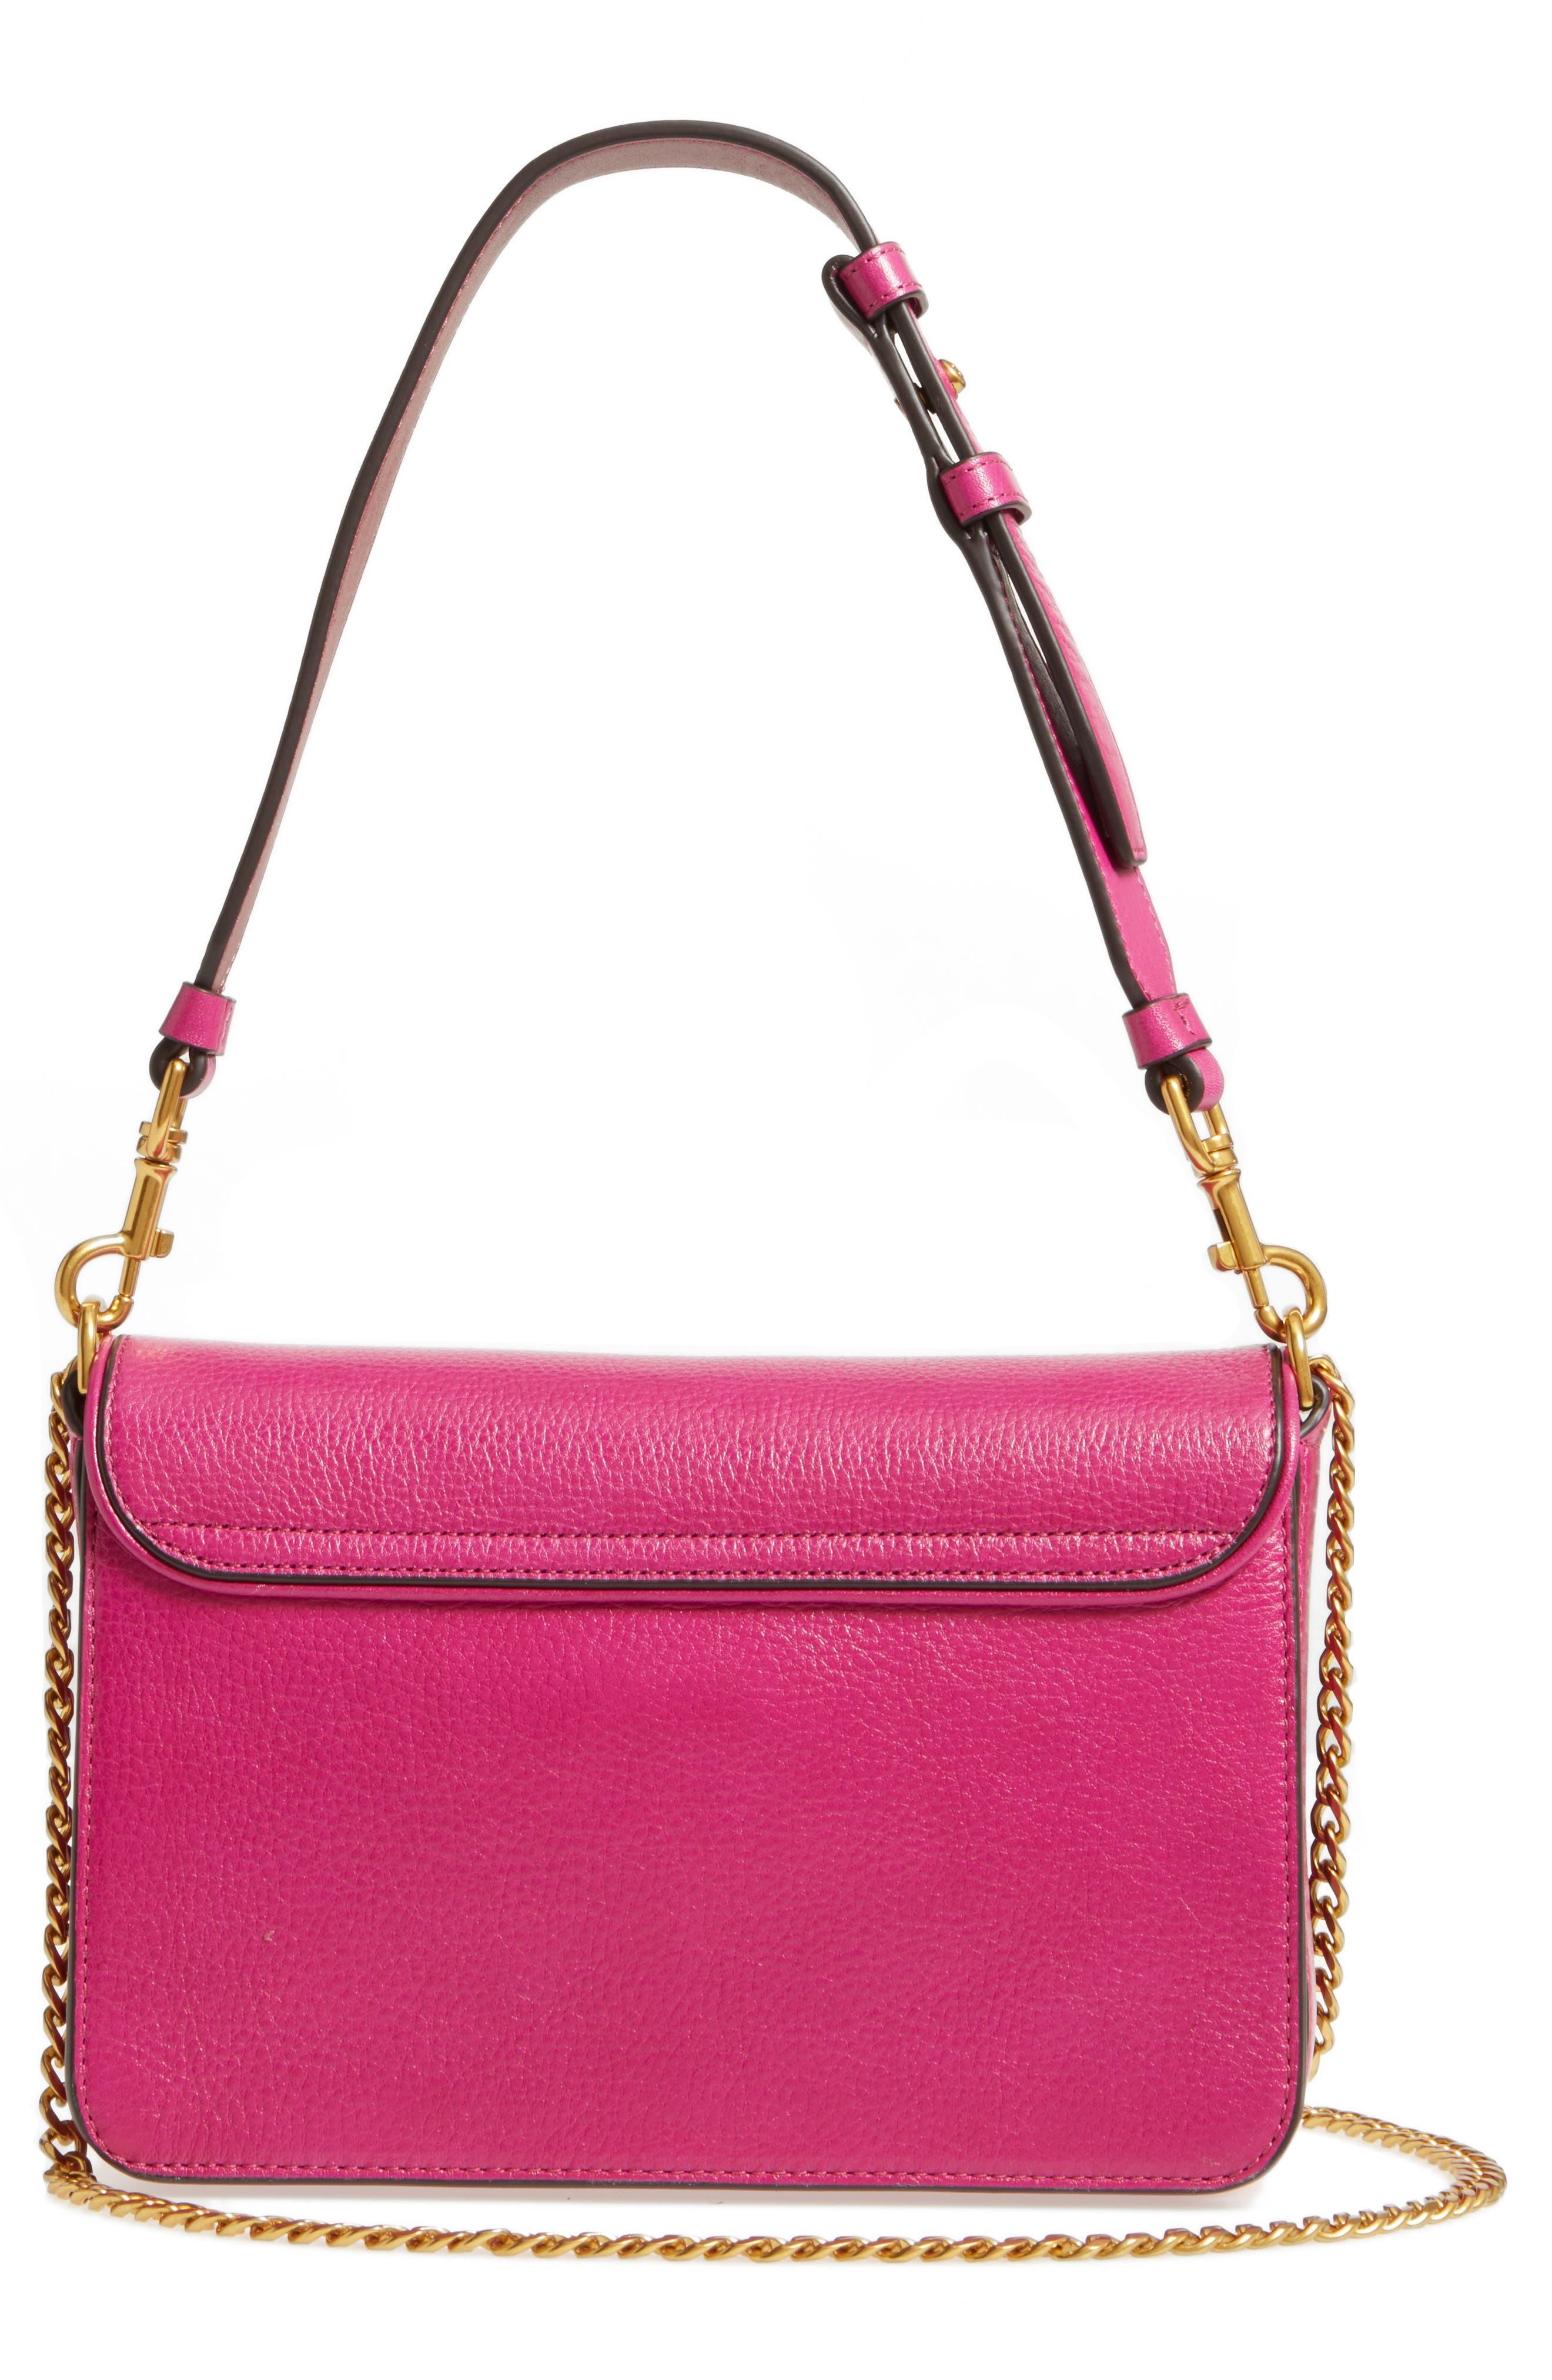 Chelsea Genuine Leather Shoulder Bag,                             Alternate thumbnail 3, color,                             650